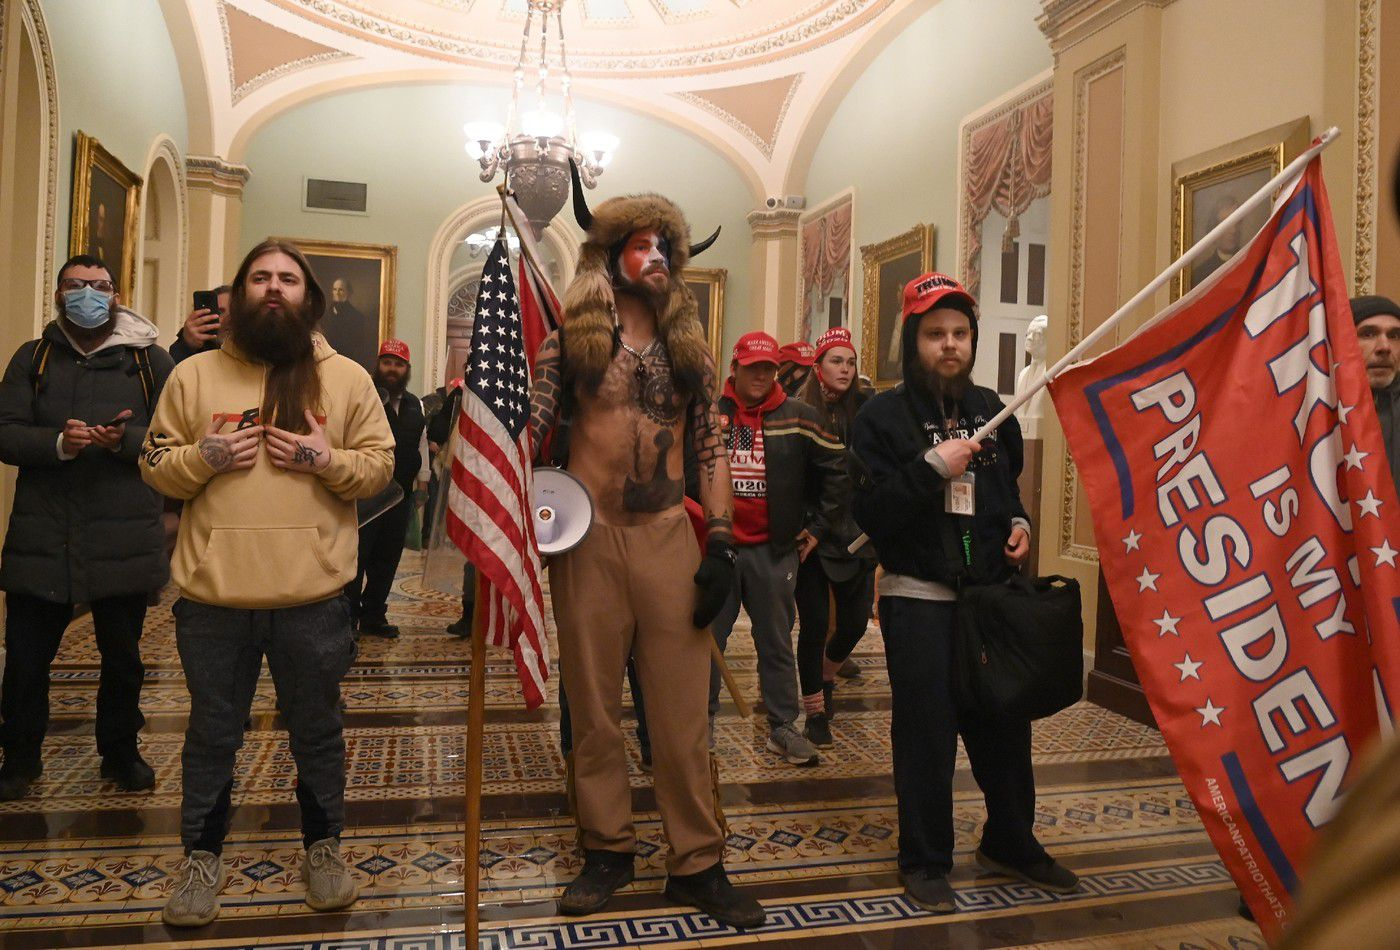 Des partisans de Donald Trump ont envahi le Capitole, à Washington, le 6 janvier 2021 / AFP